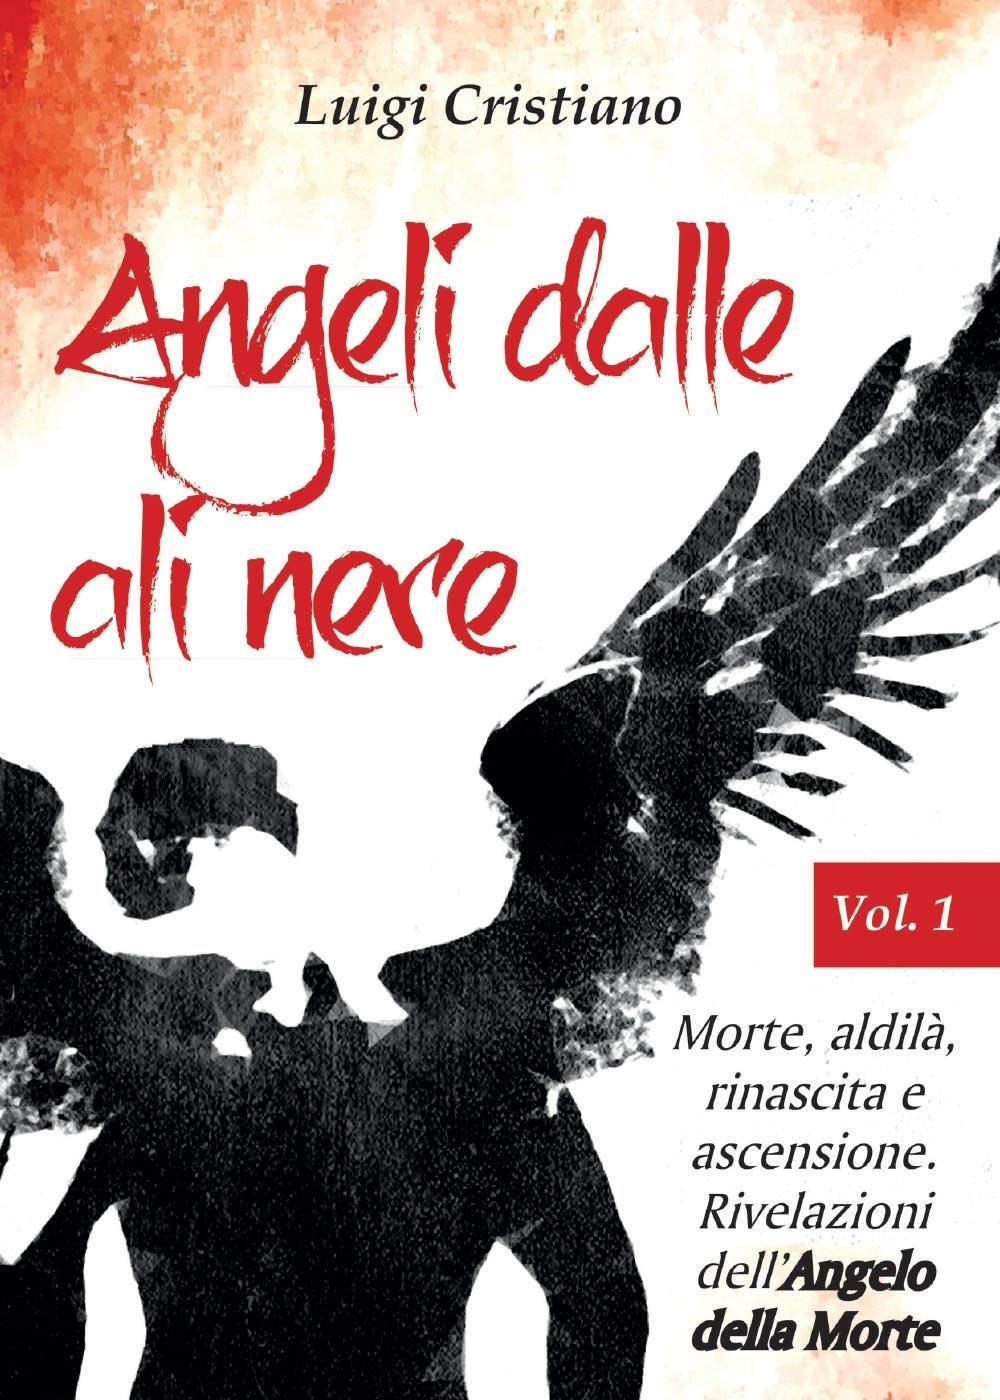 Angeli dalle ali nere. Vol.1 - Morte, aldilà, rinascita e ascensione. Rivelazioni dell'Angelo della Morte